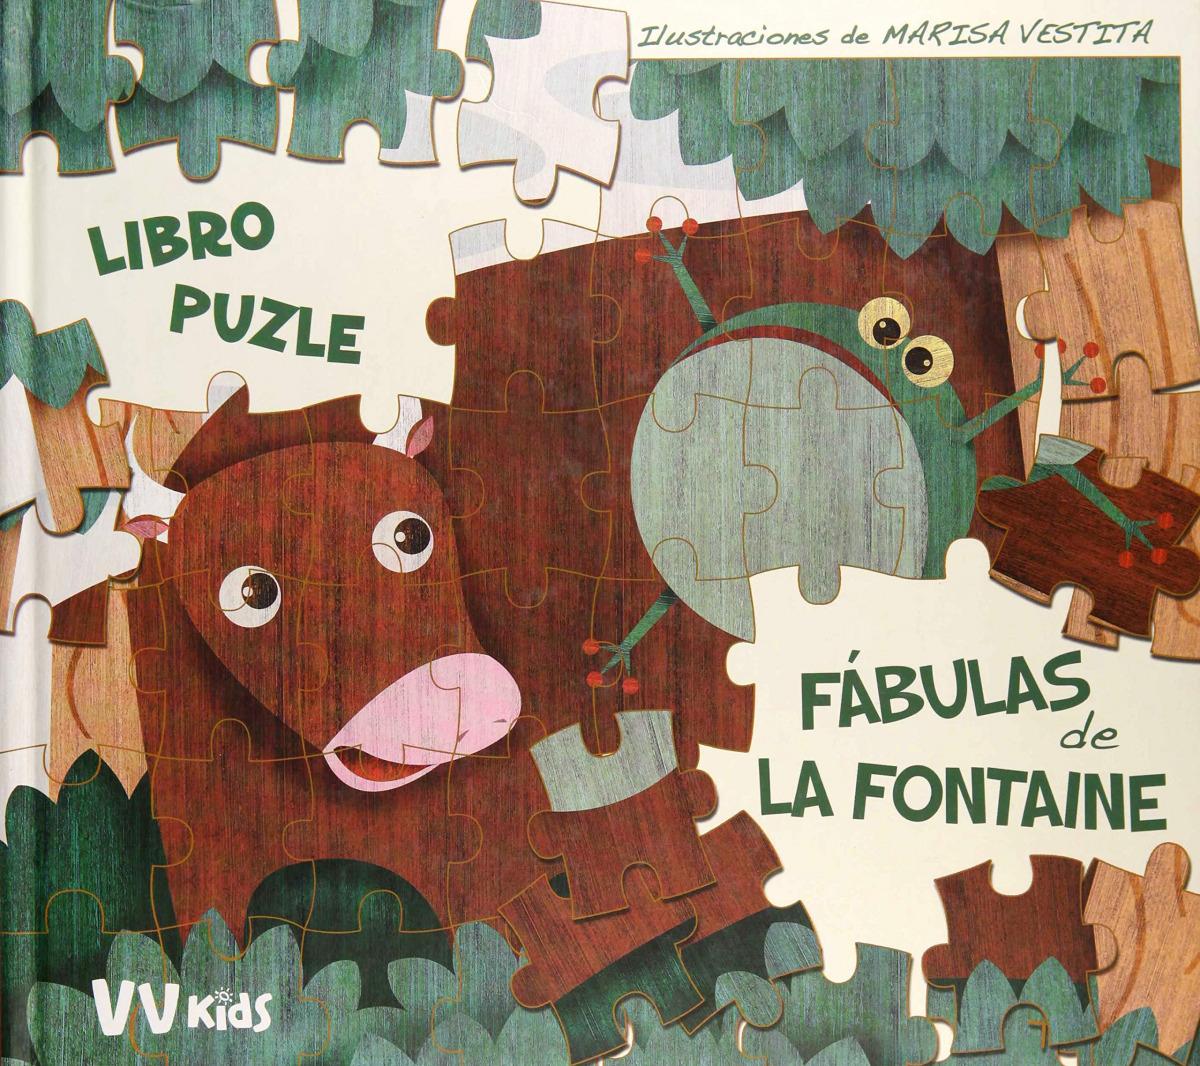 FABULAS DE LA FONTAINE LIBRO PUZZLE + 5 AñOS 9788468254593